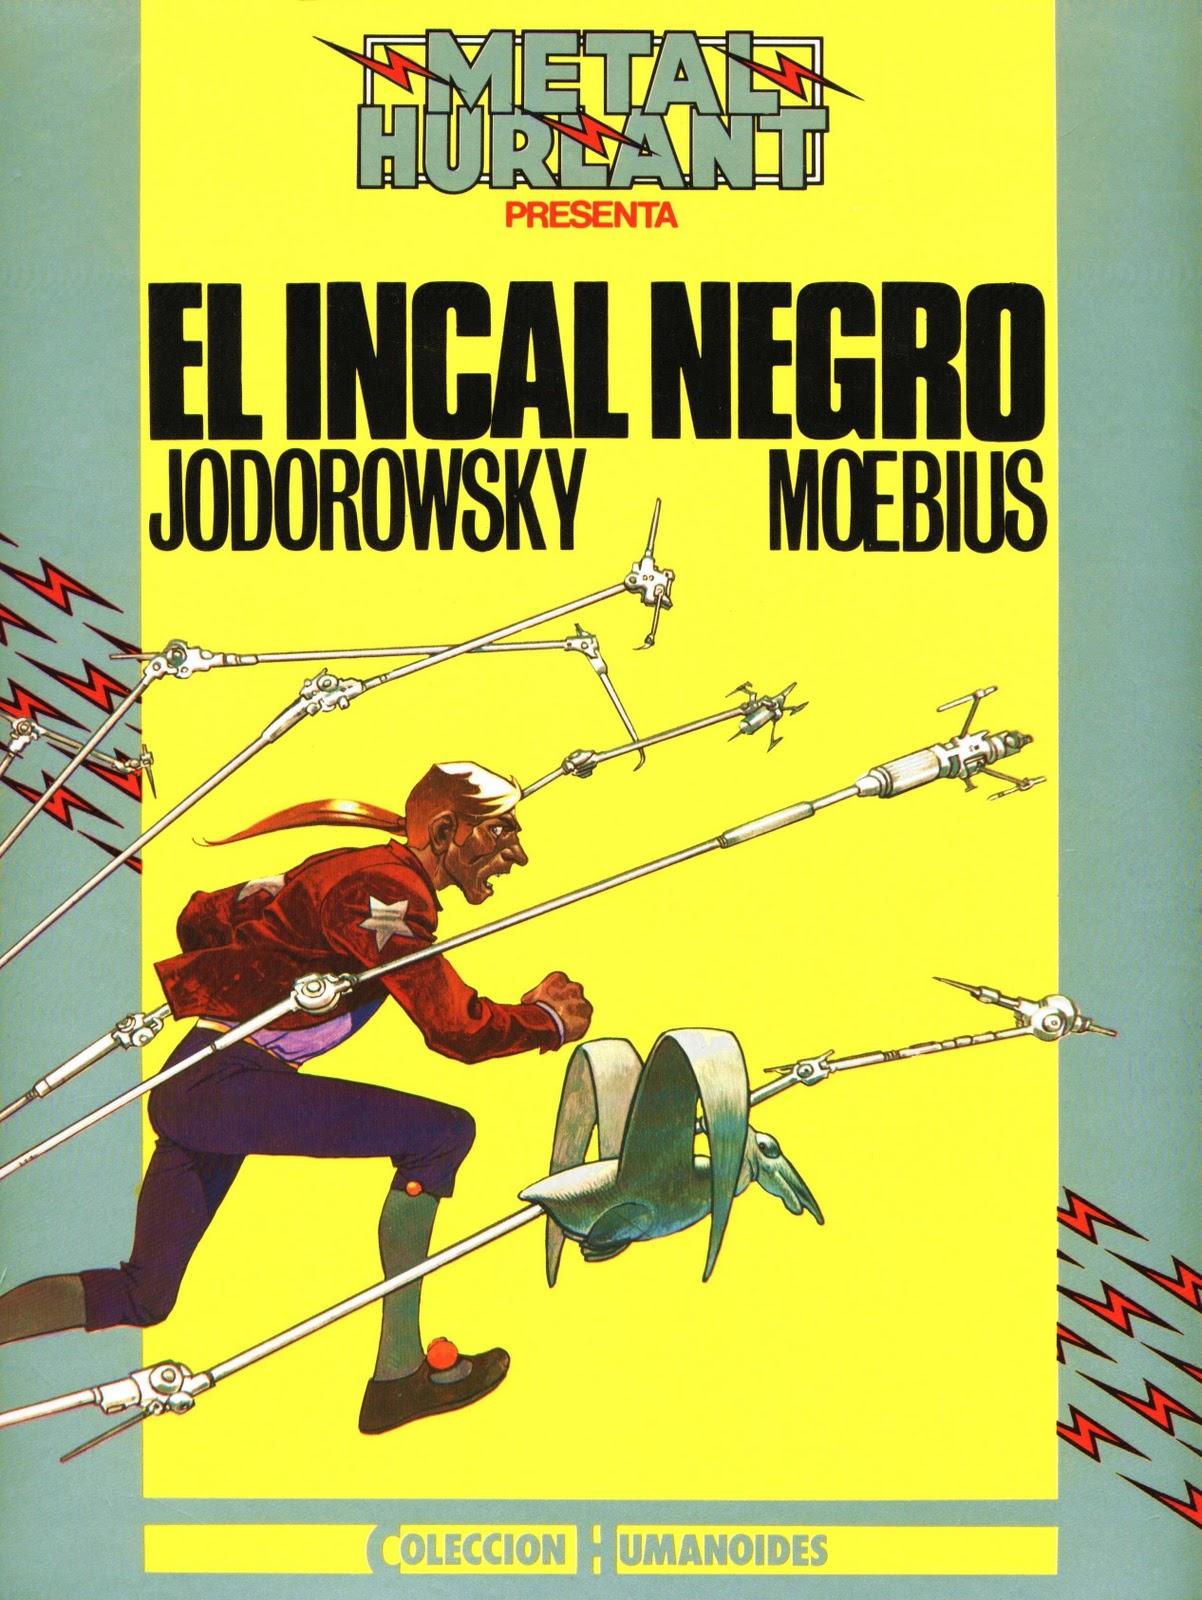 grupo chileno de metafisica: